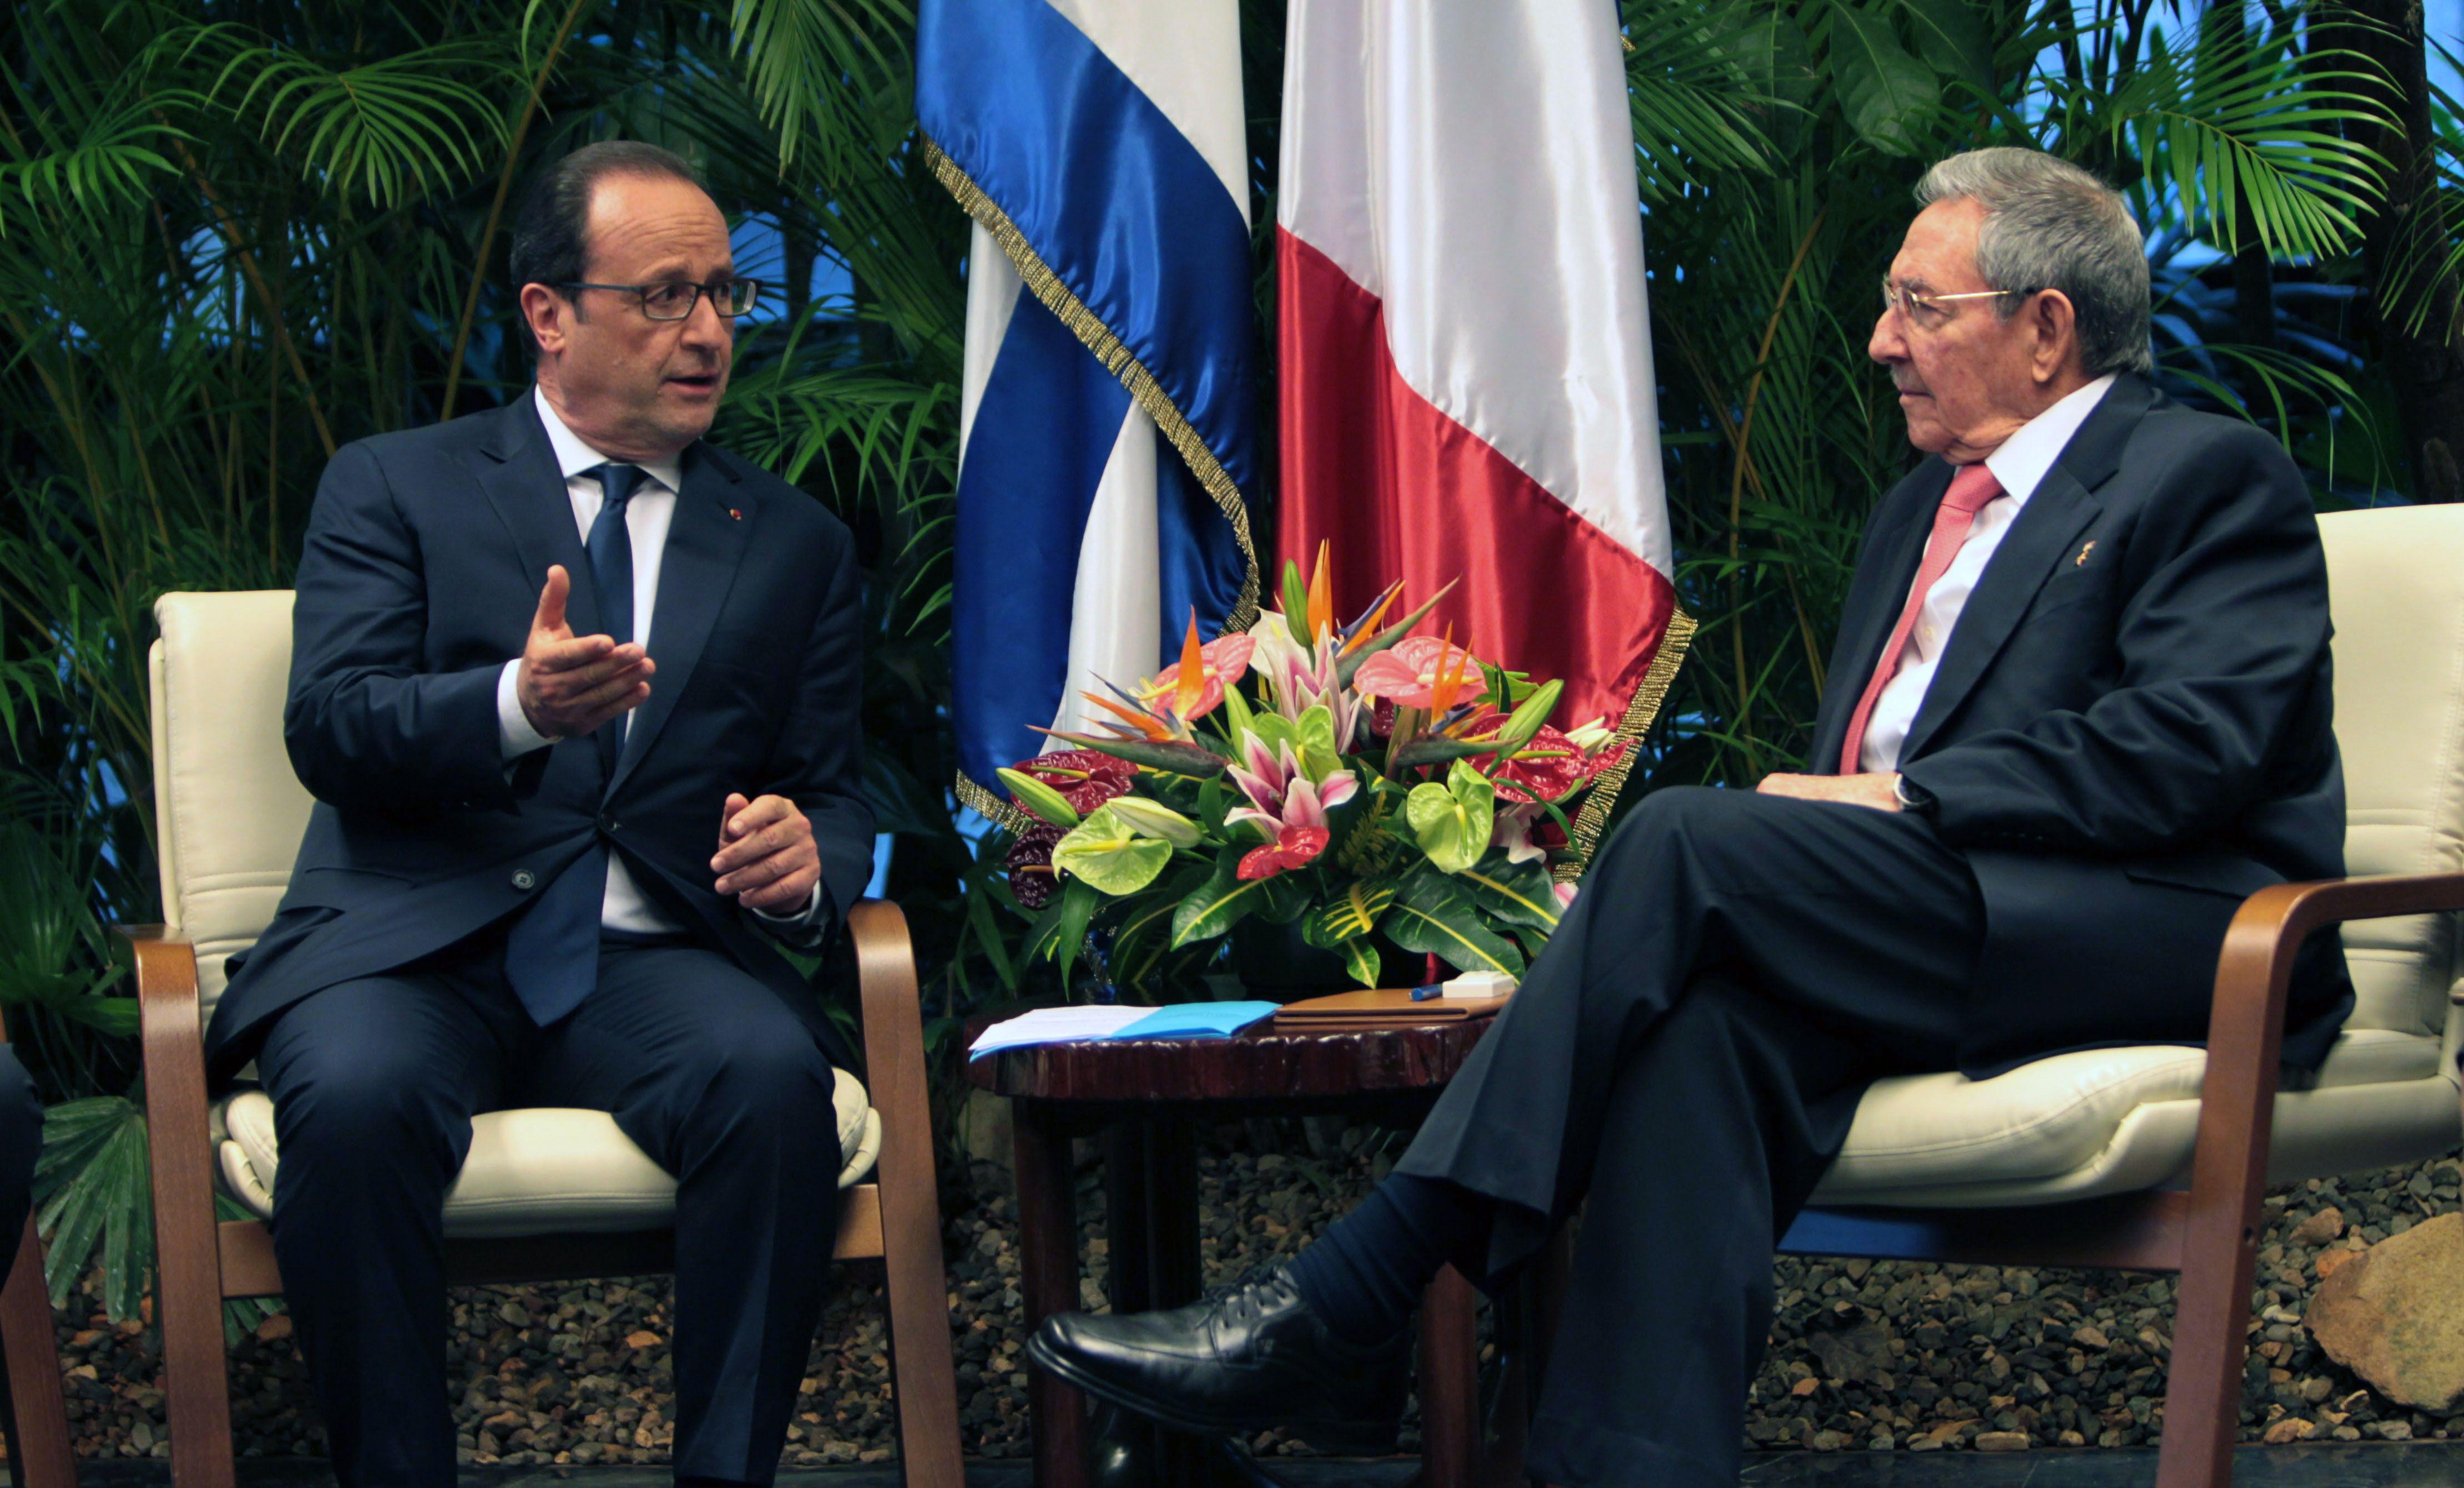 El presidente francés fue recibido por su par cubano